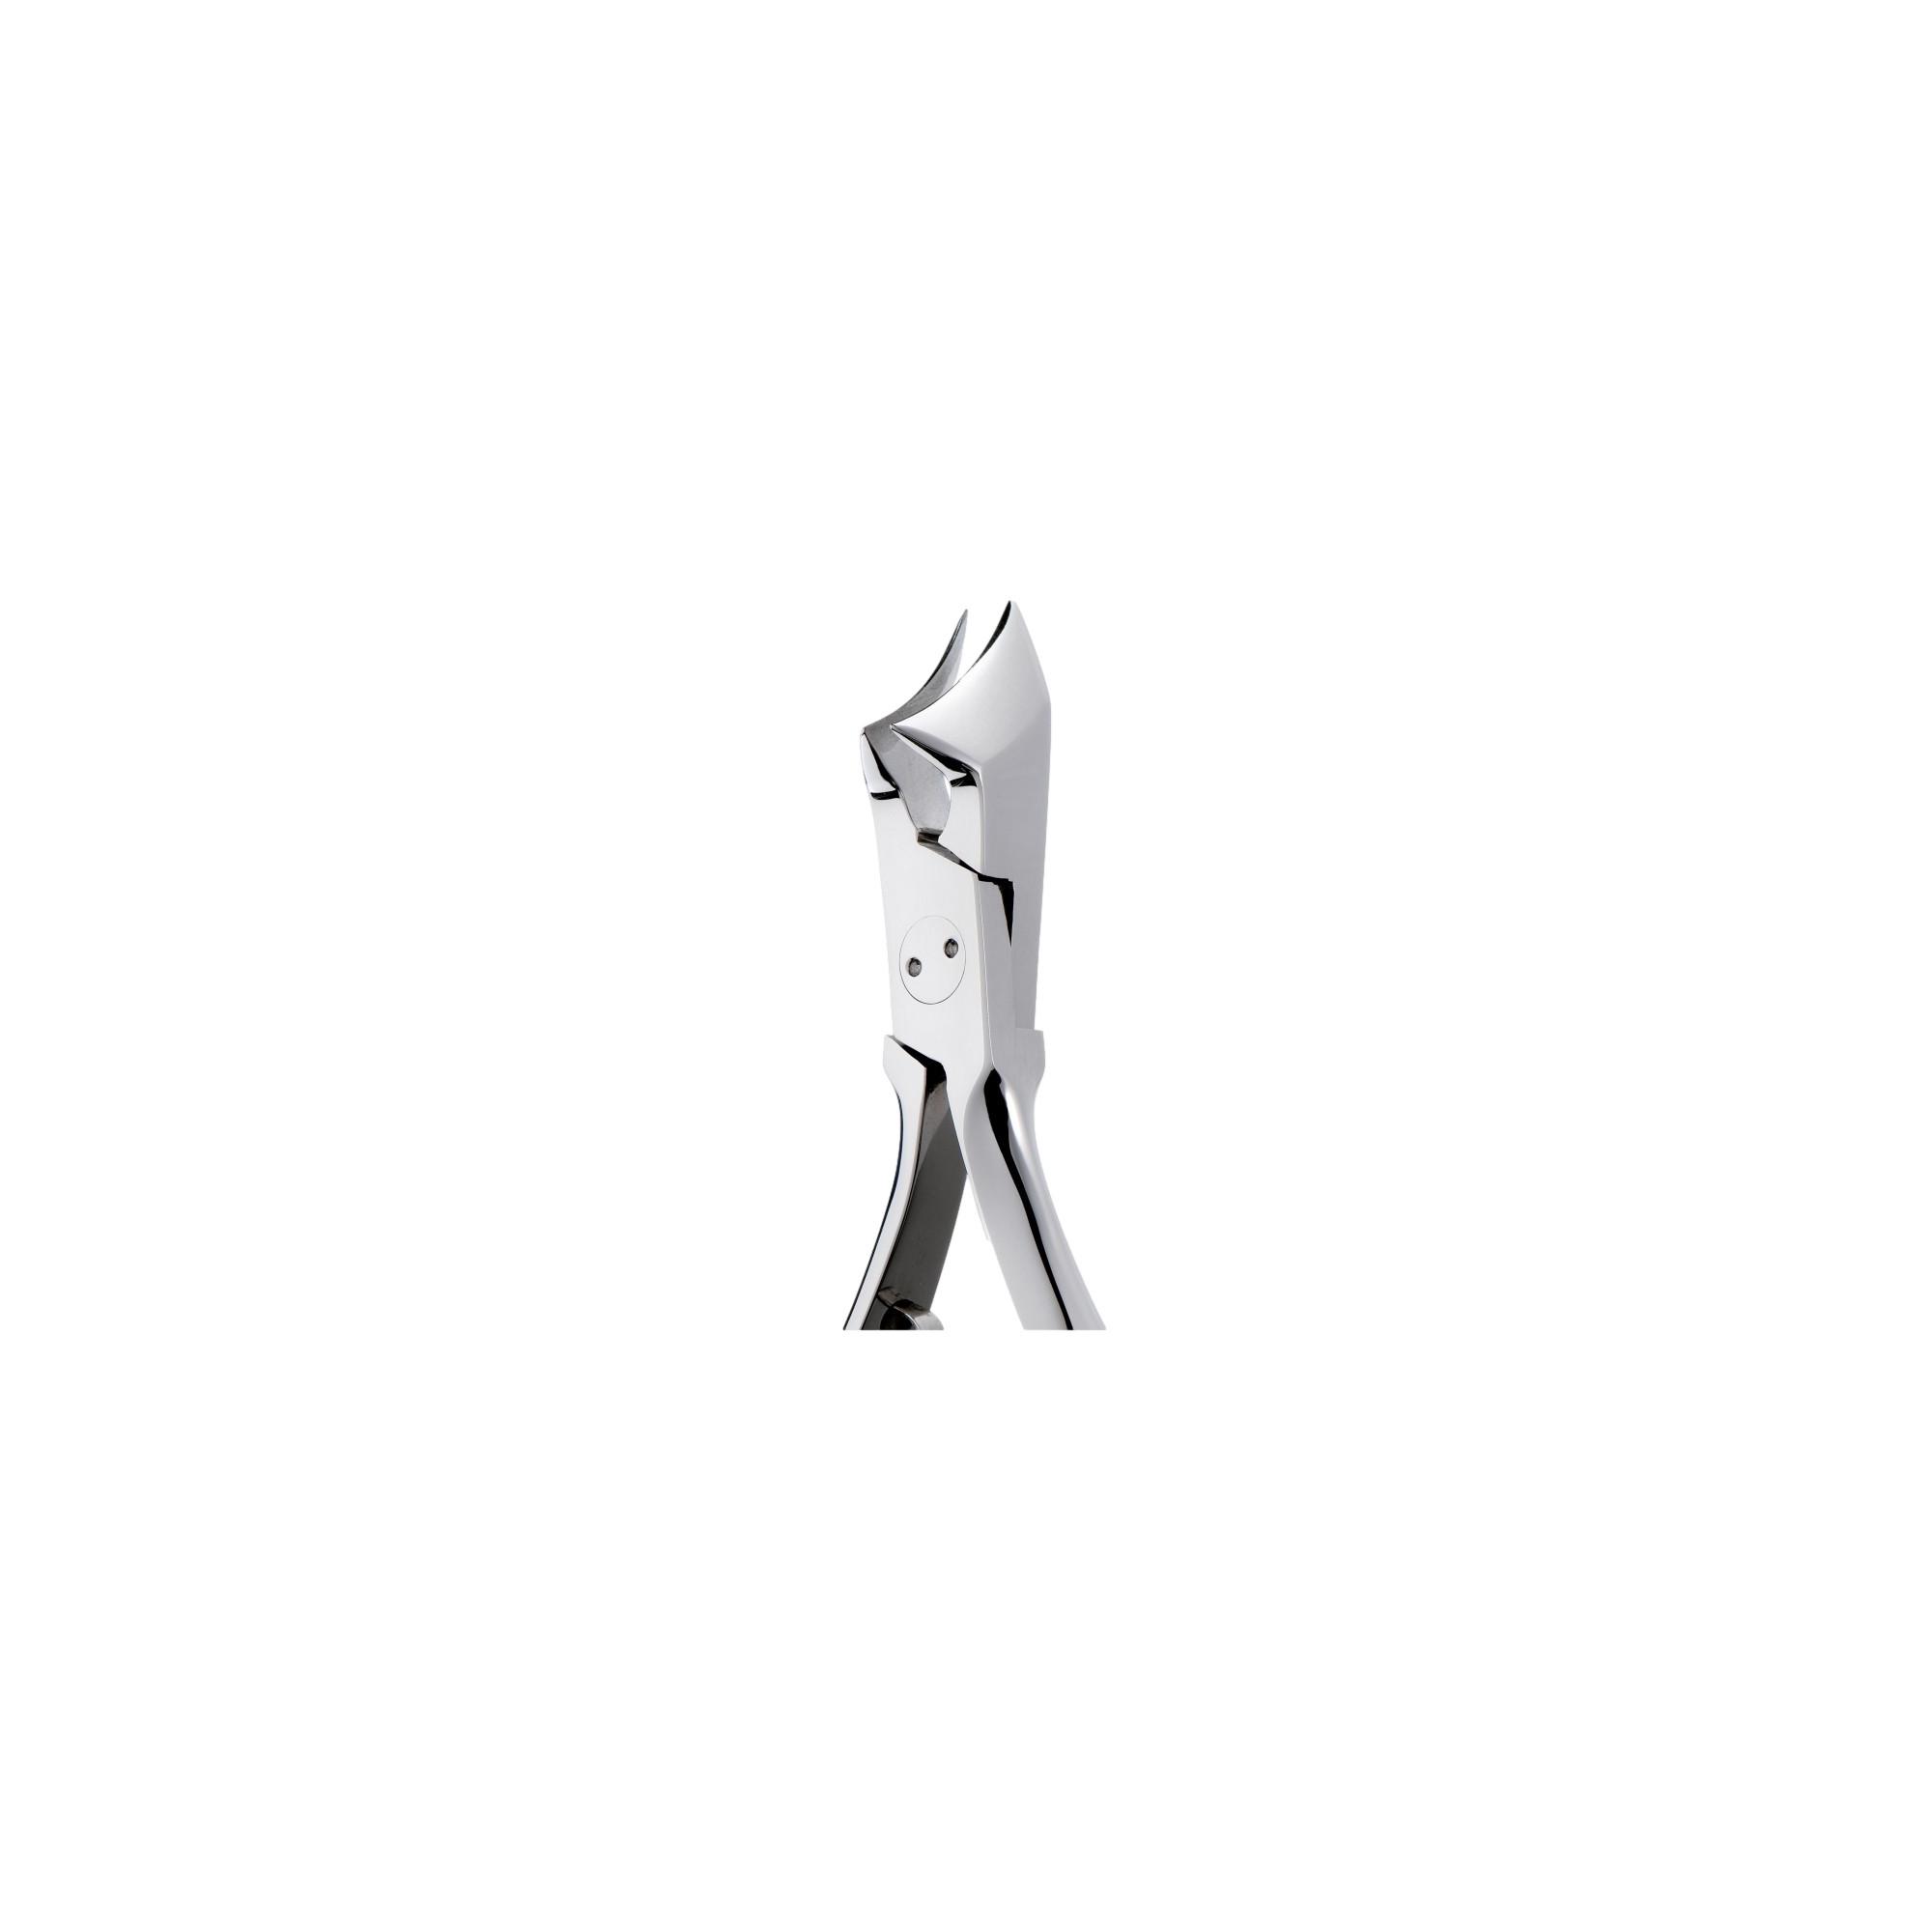 Pince à ongles incarnés mors obliques longs 20 mm coupe arrondie ELITECH by Eloi